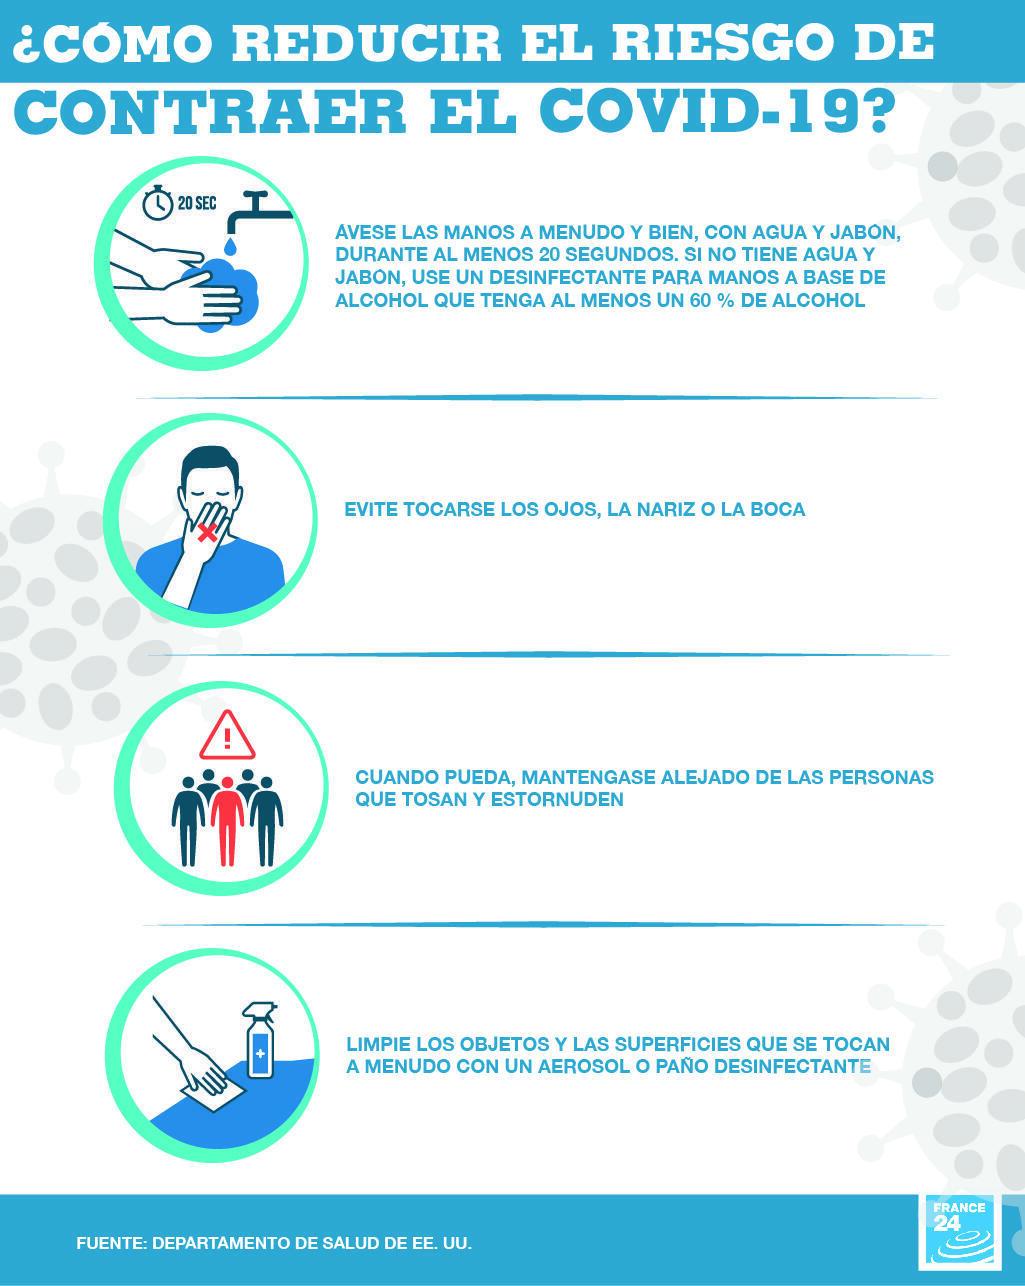 Si los resultados son positivos y se le han diagnosticado una infección por coronavirus, lo aconsejable es aislarse y tomar medidas de precaución para evitar contagiar a otros.